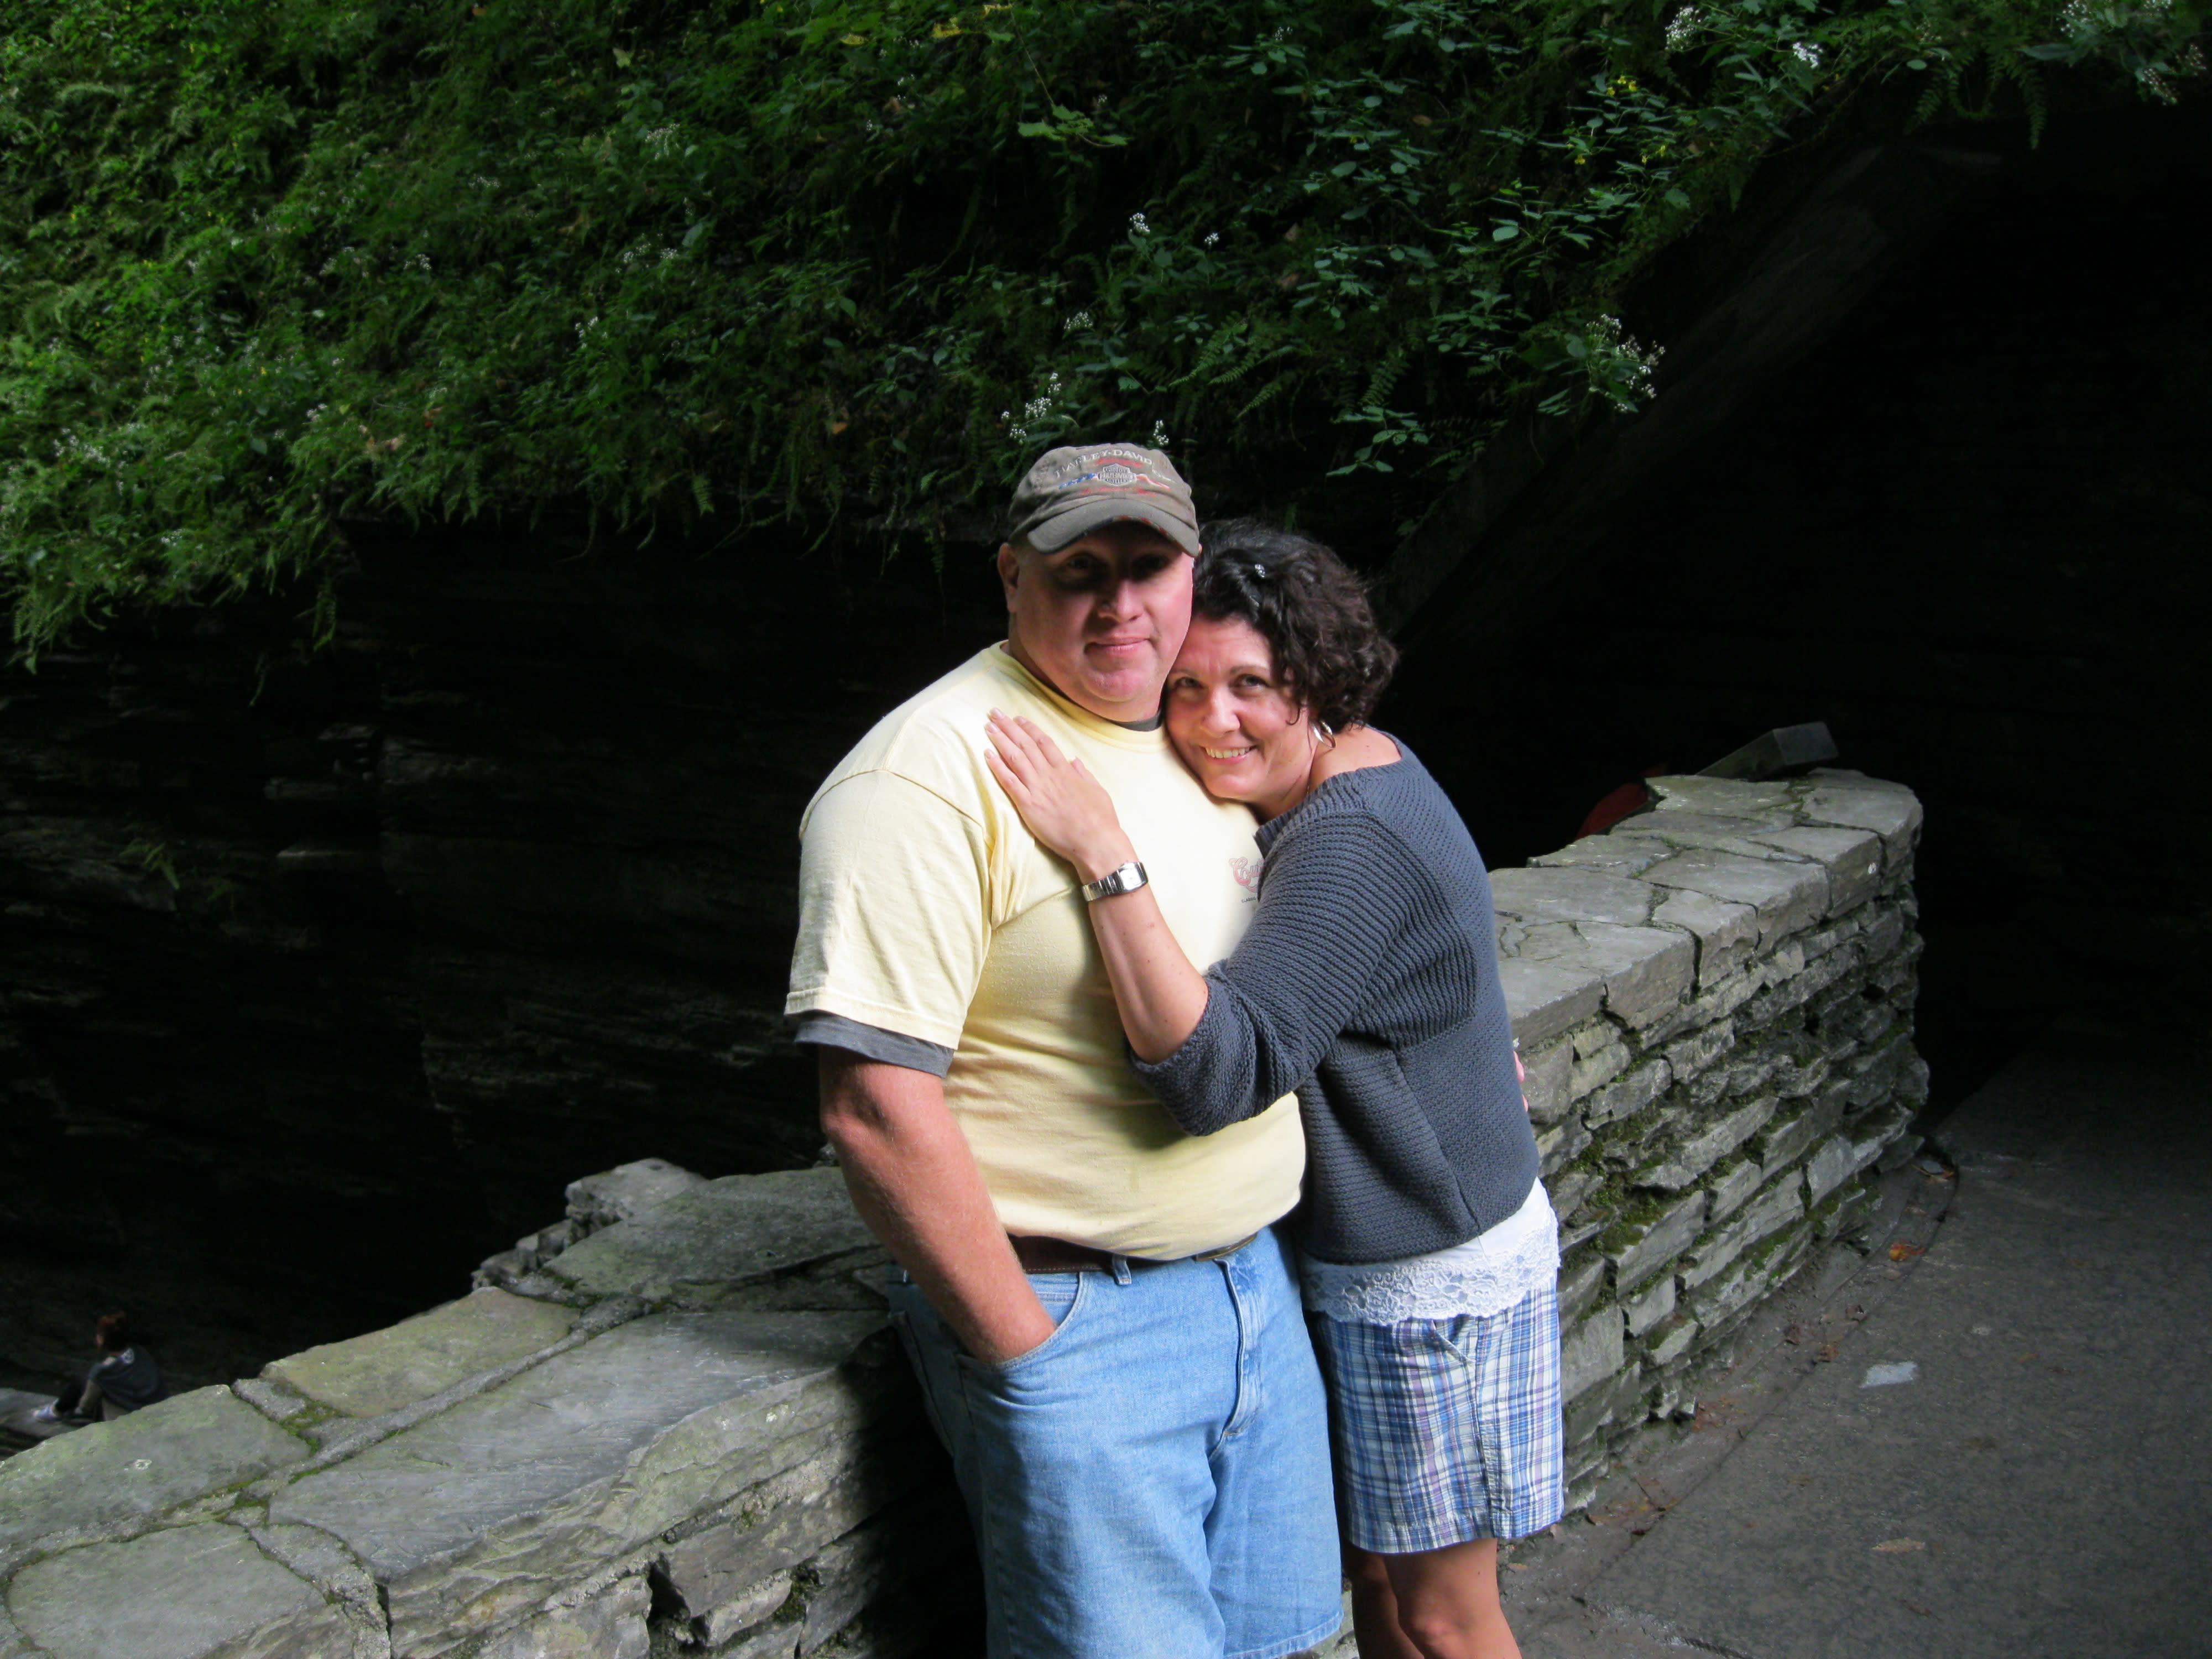 Enjoying Watkins Glen State Park